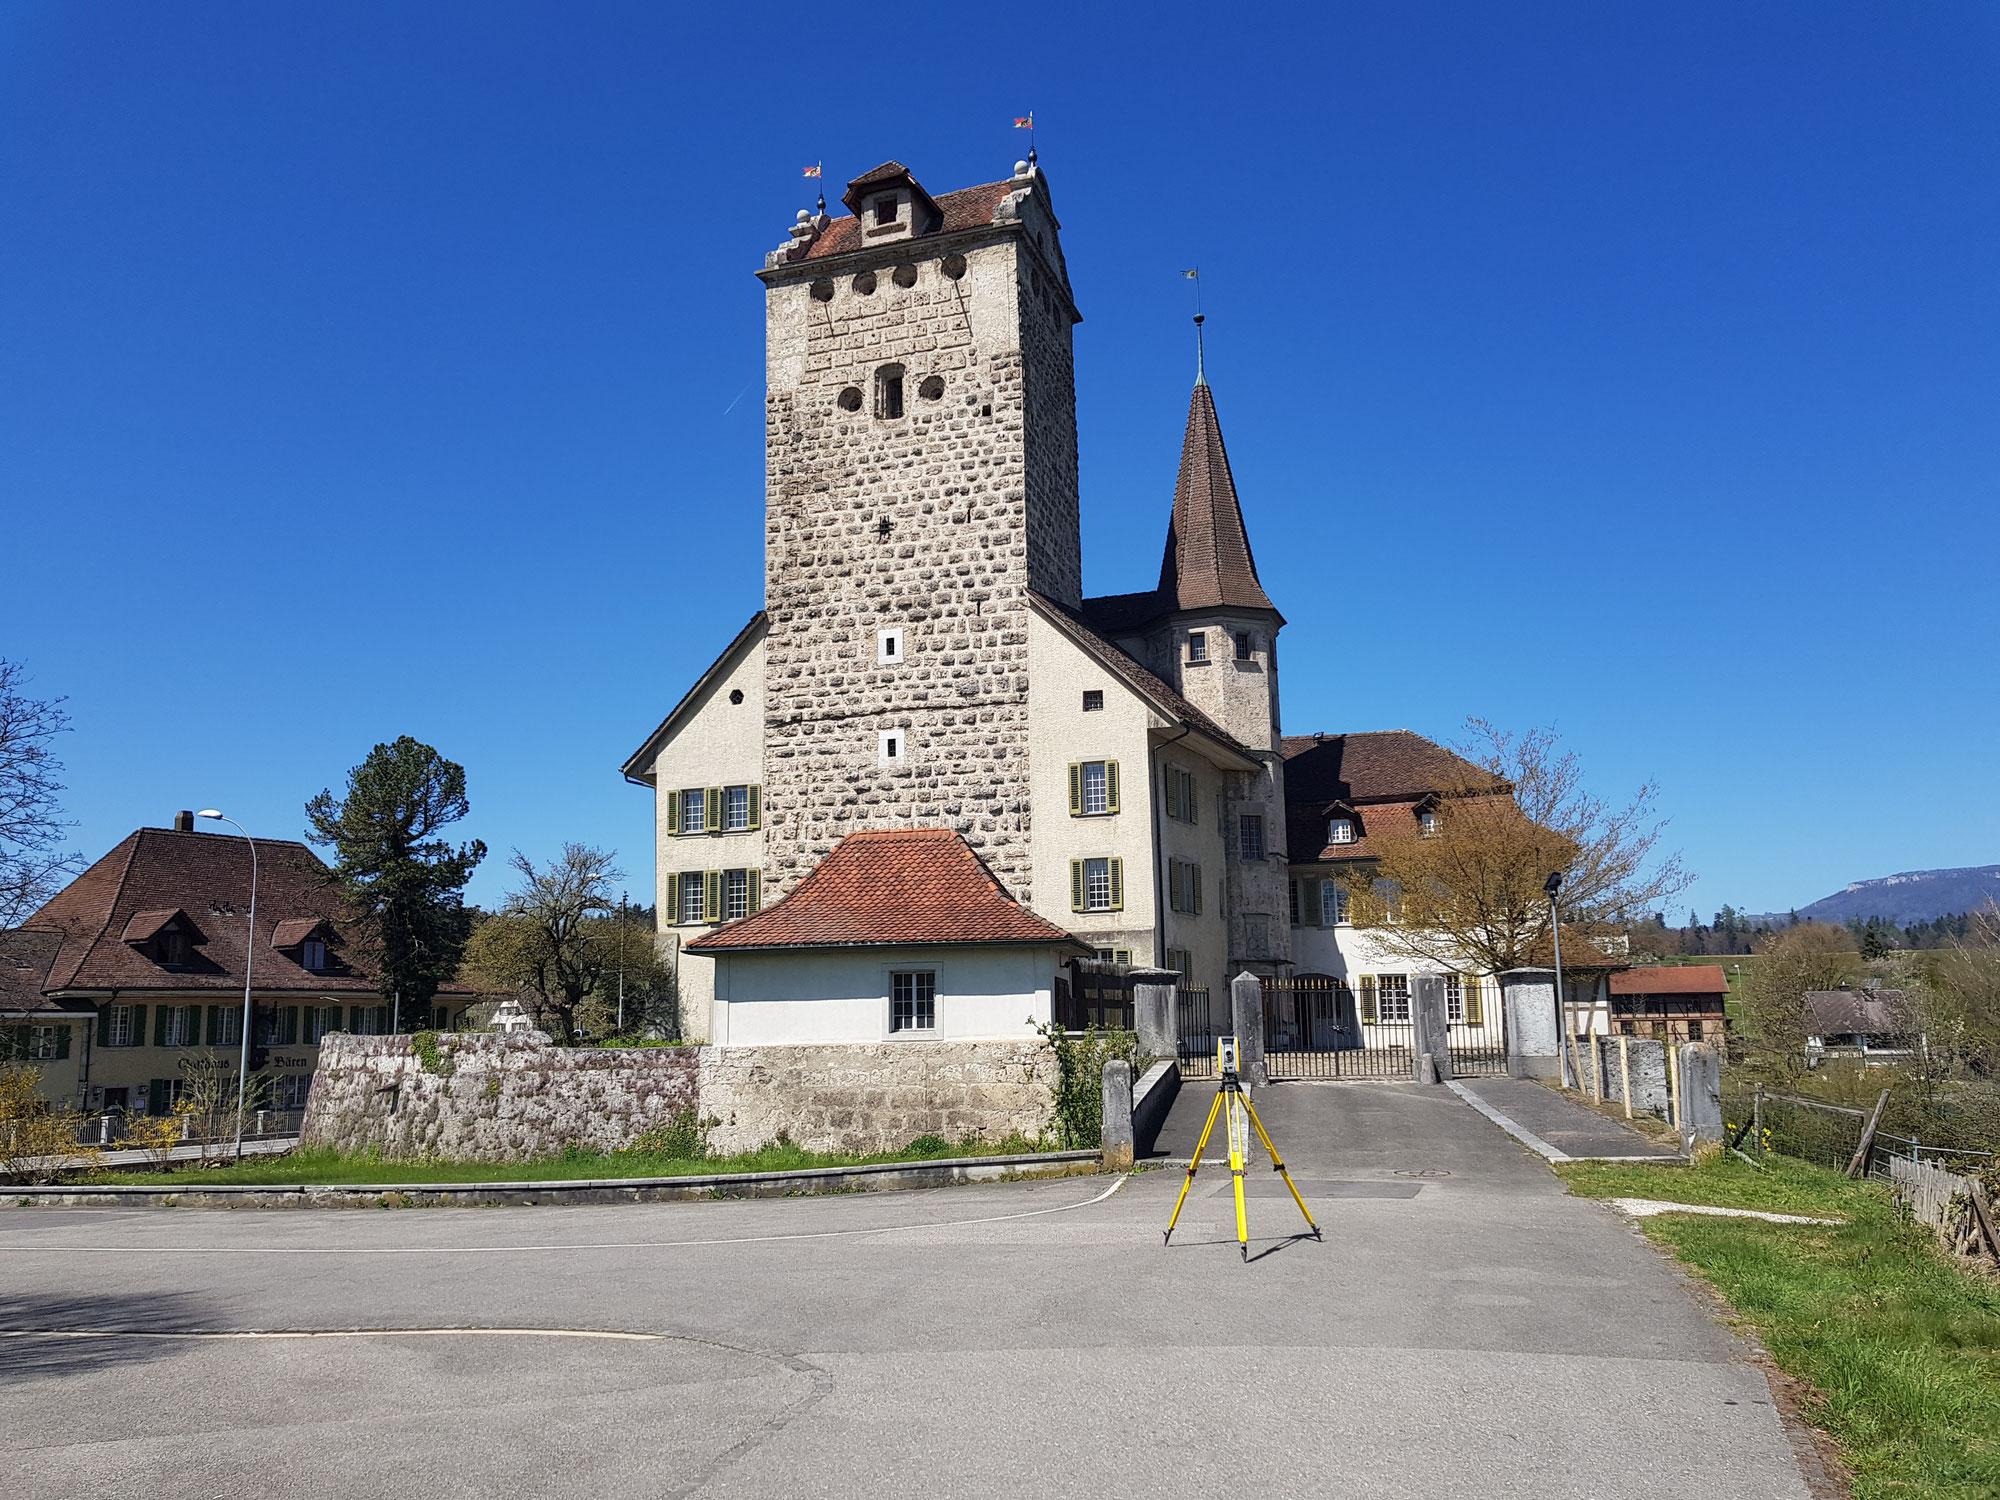 Schloss Vermessung